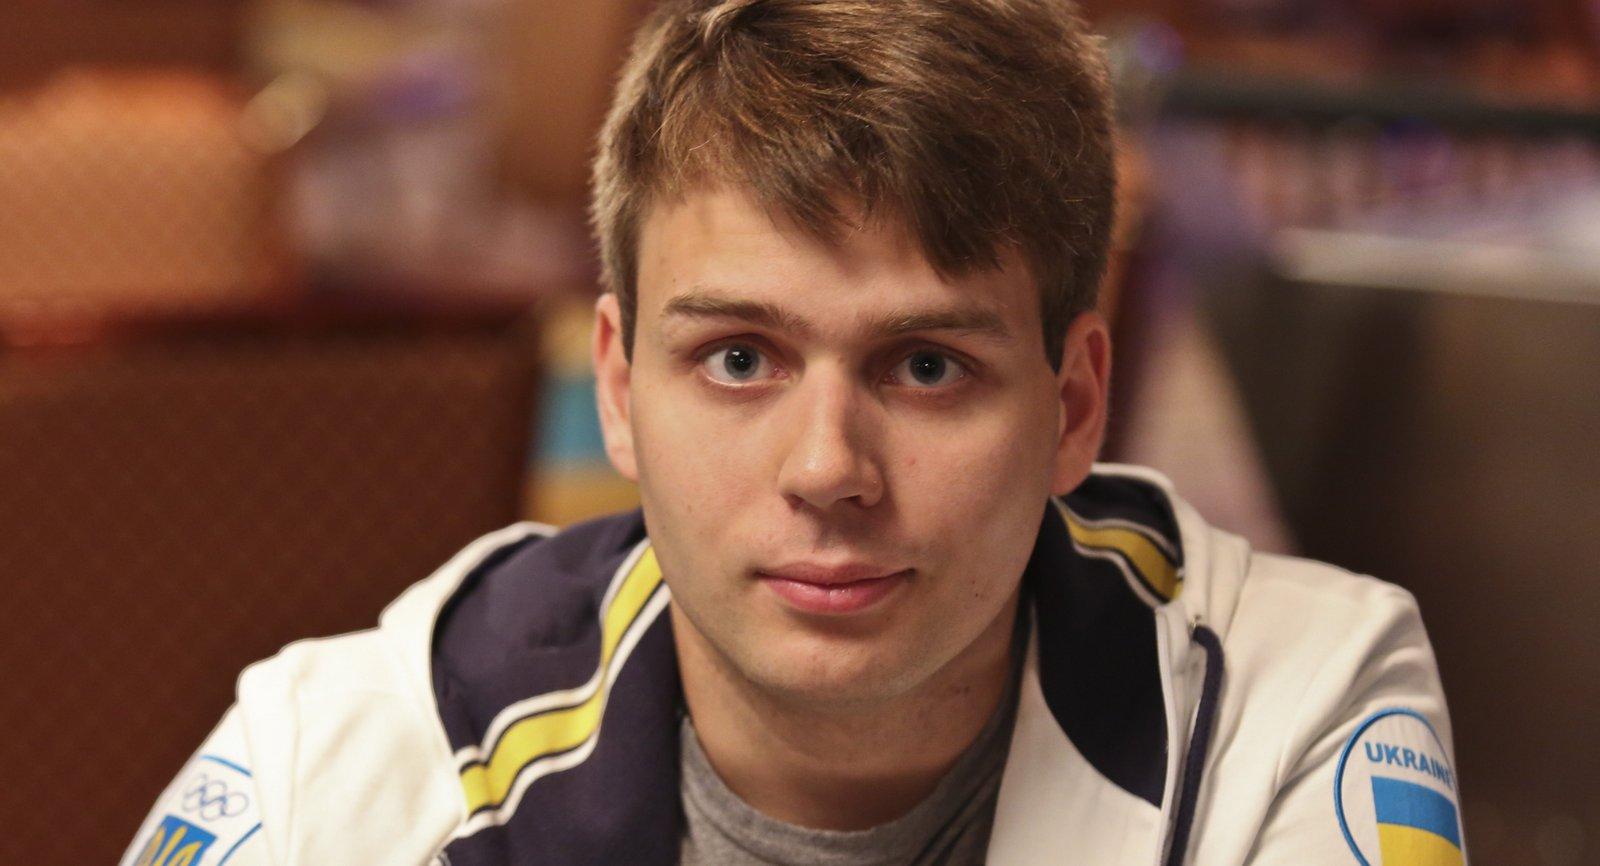 Oleksii Kovalchuk